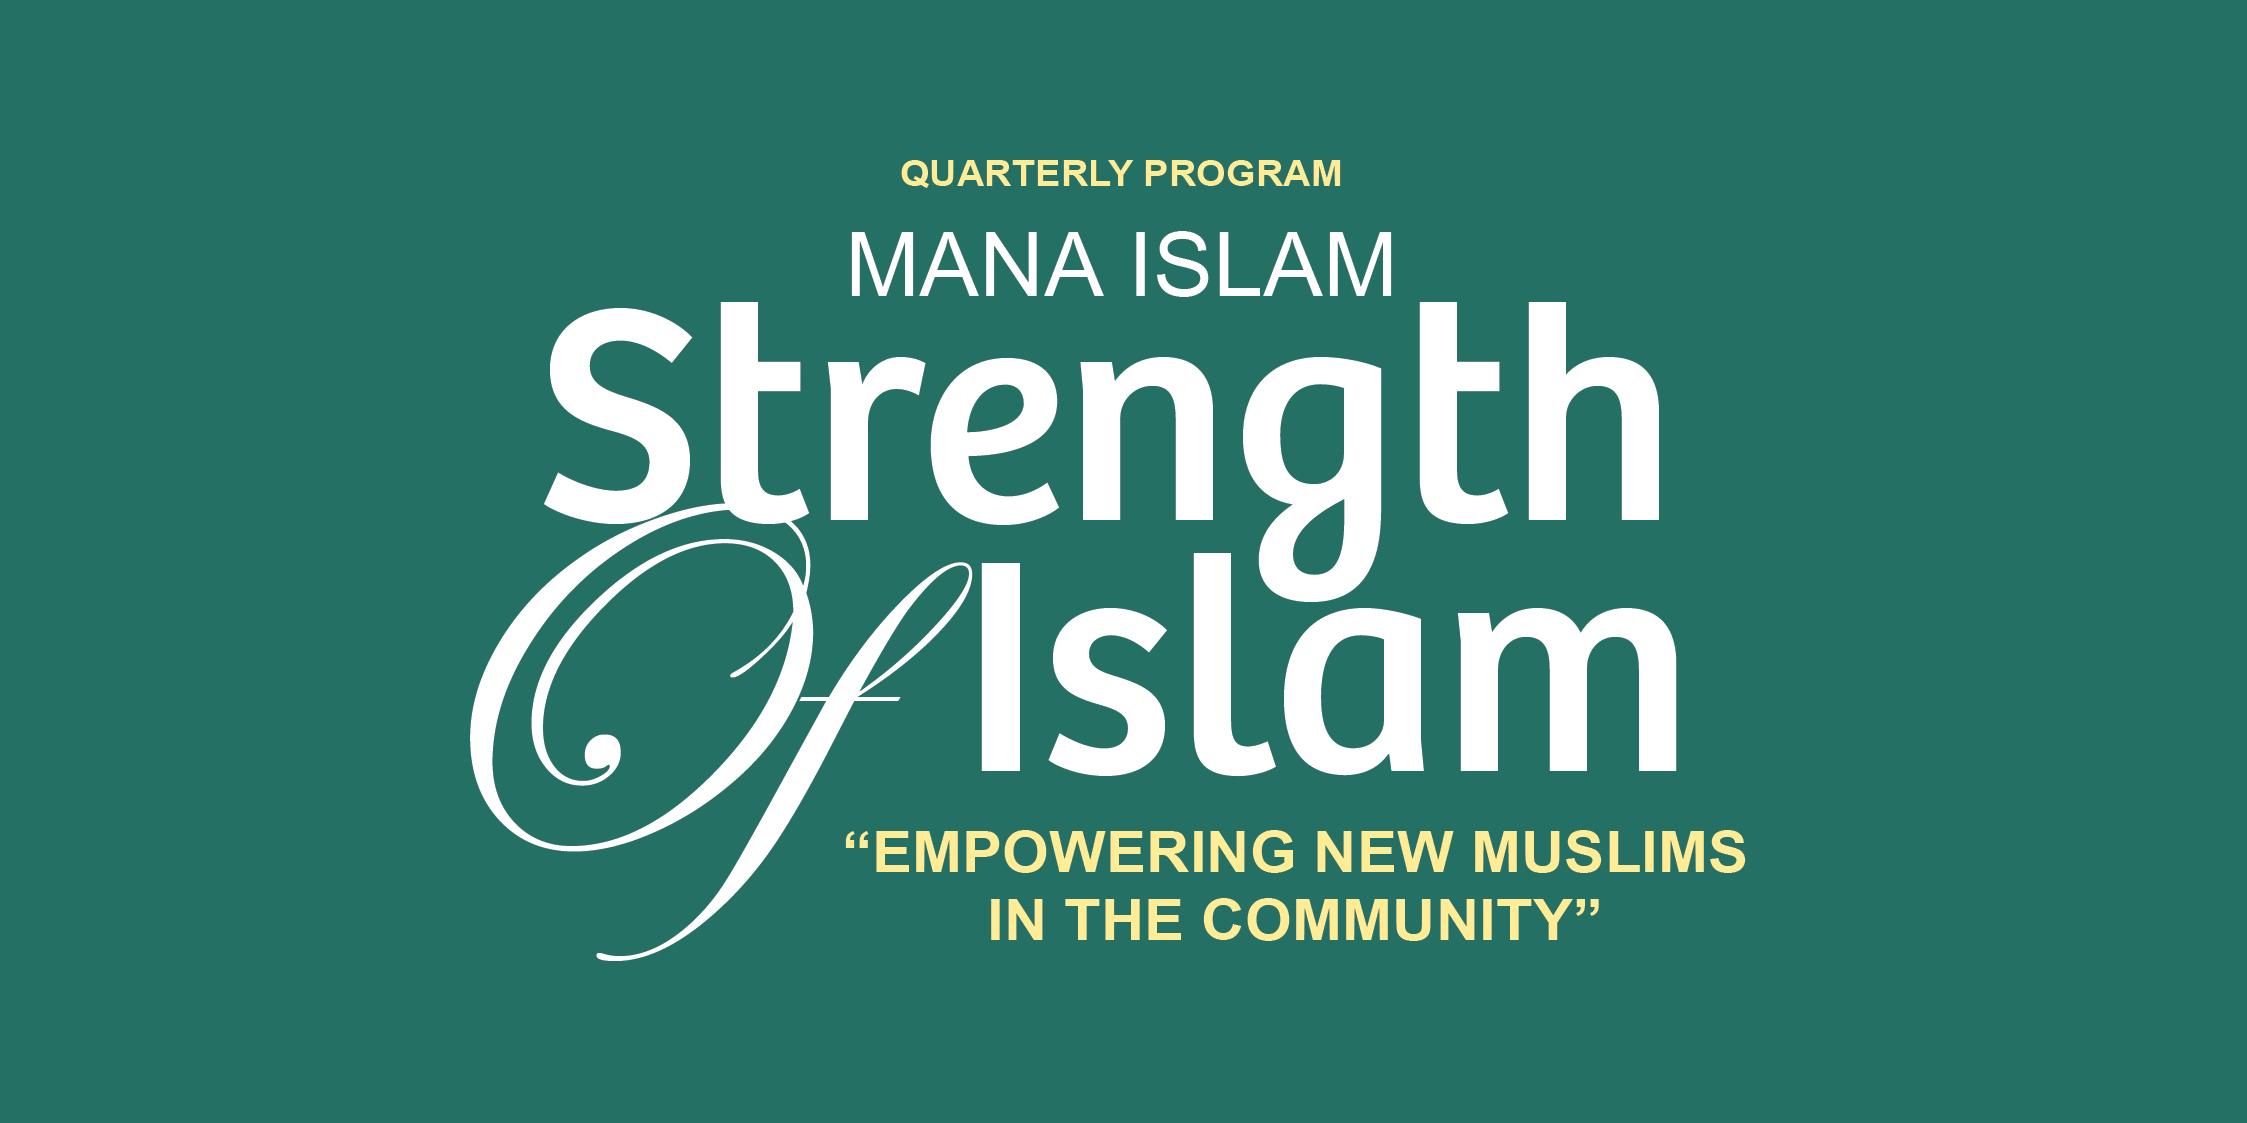 mana-islam_empowering-new-muslims_q1-2018